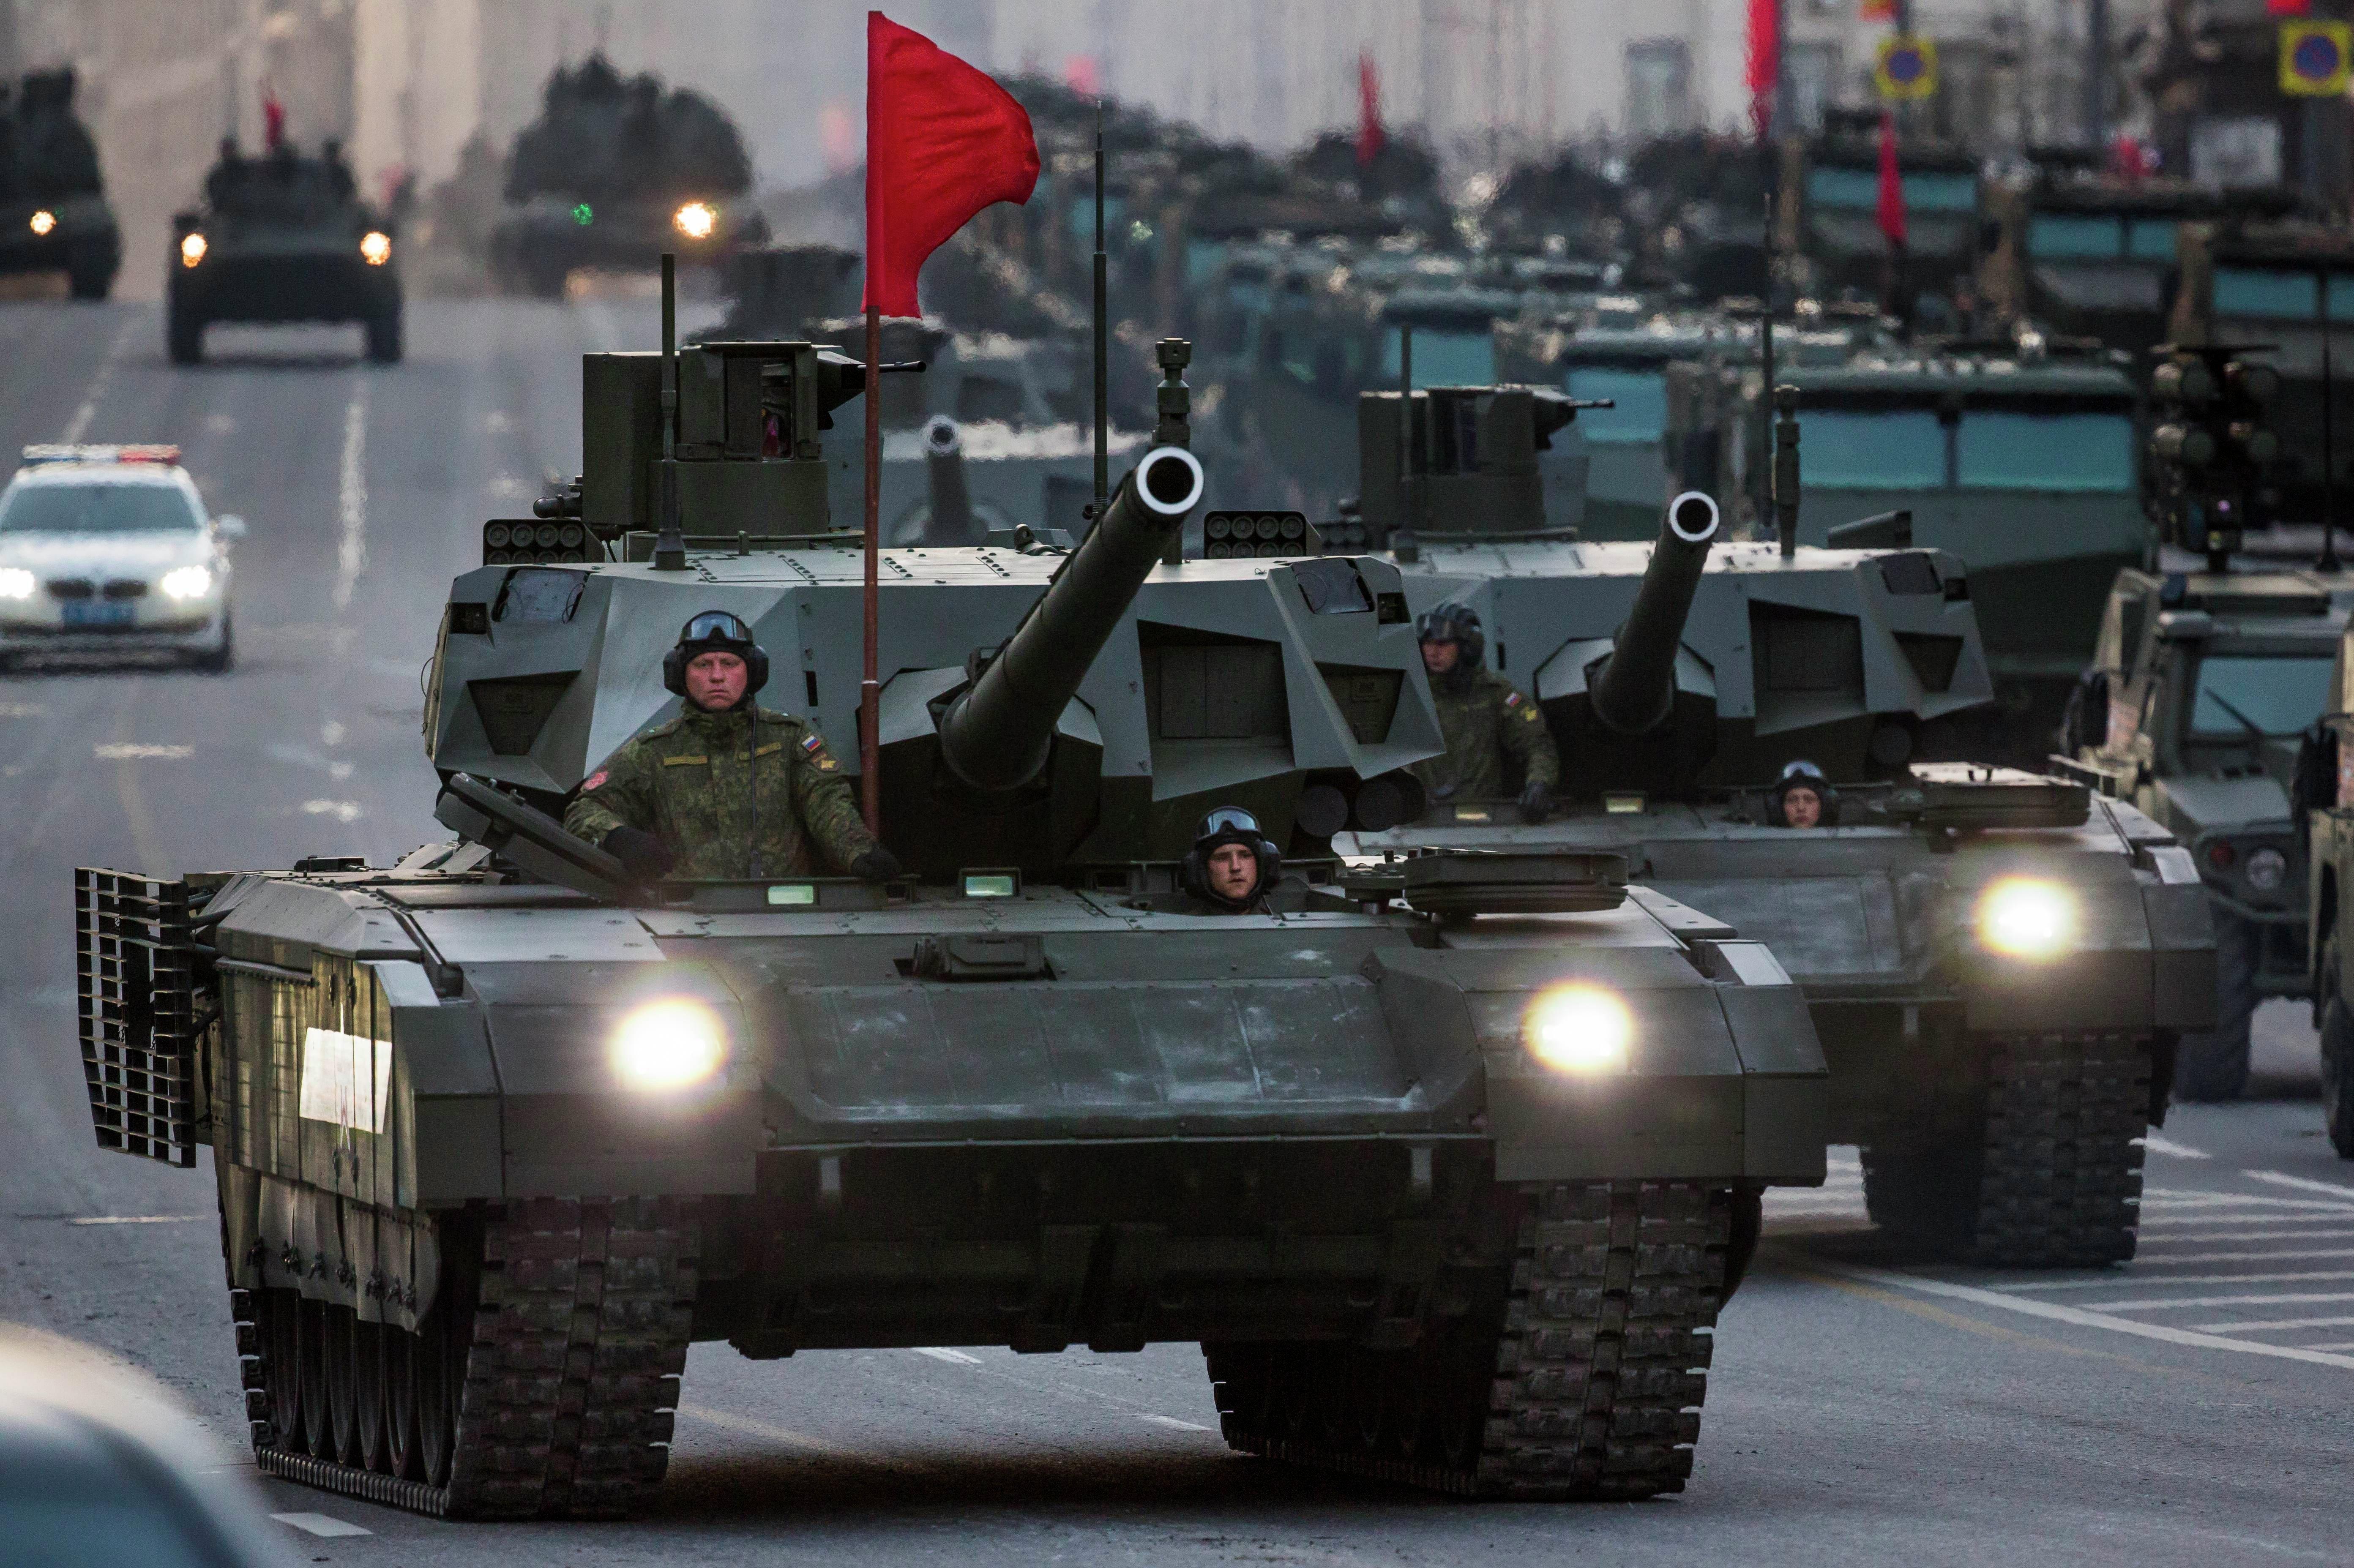 Novo tanque russo T-14 Armata durante a Parada da Vitória na Praça Vermelha em Moscou, 9 de maio de 2015